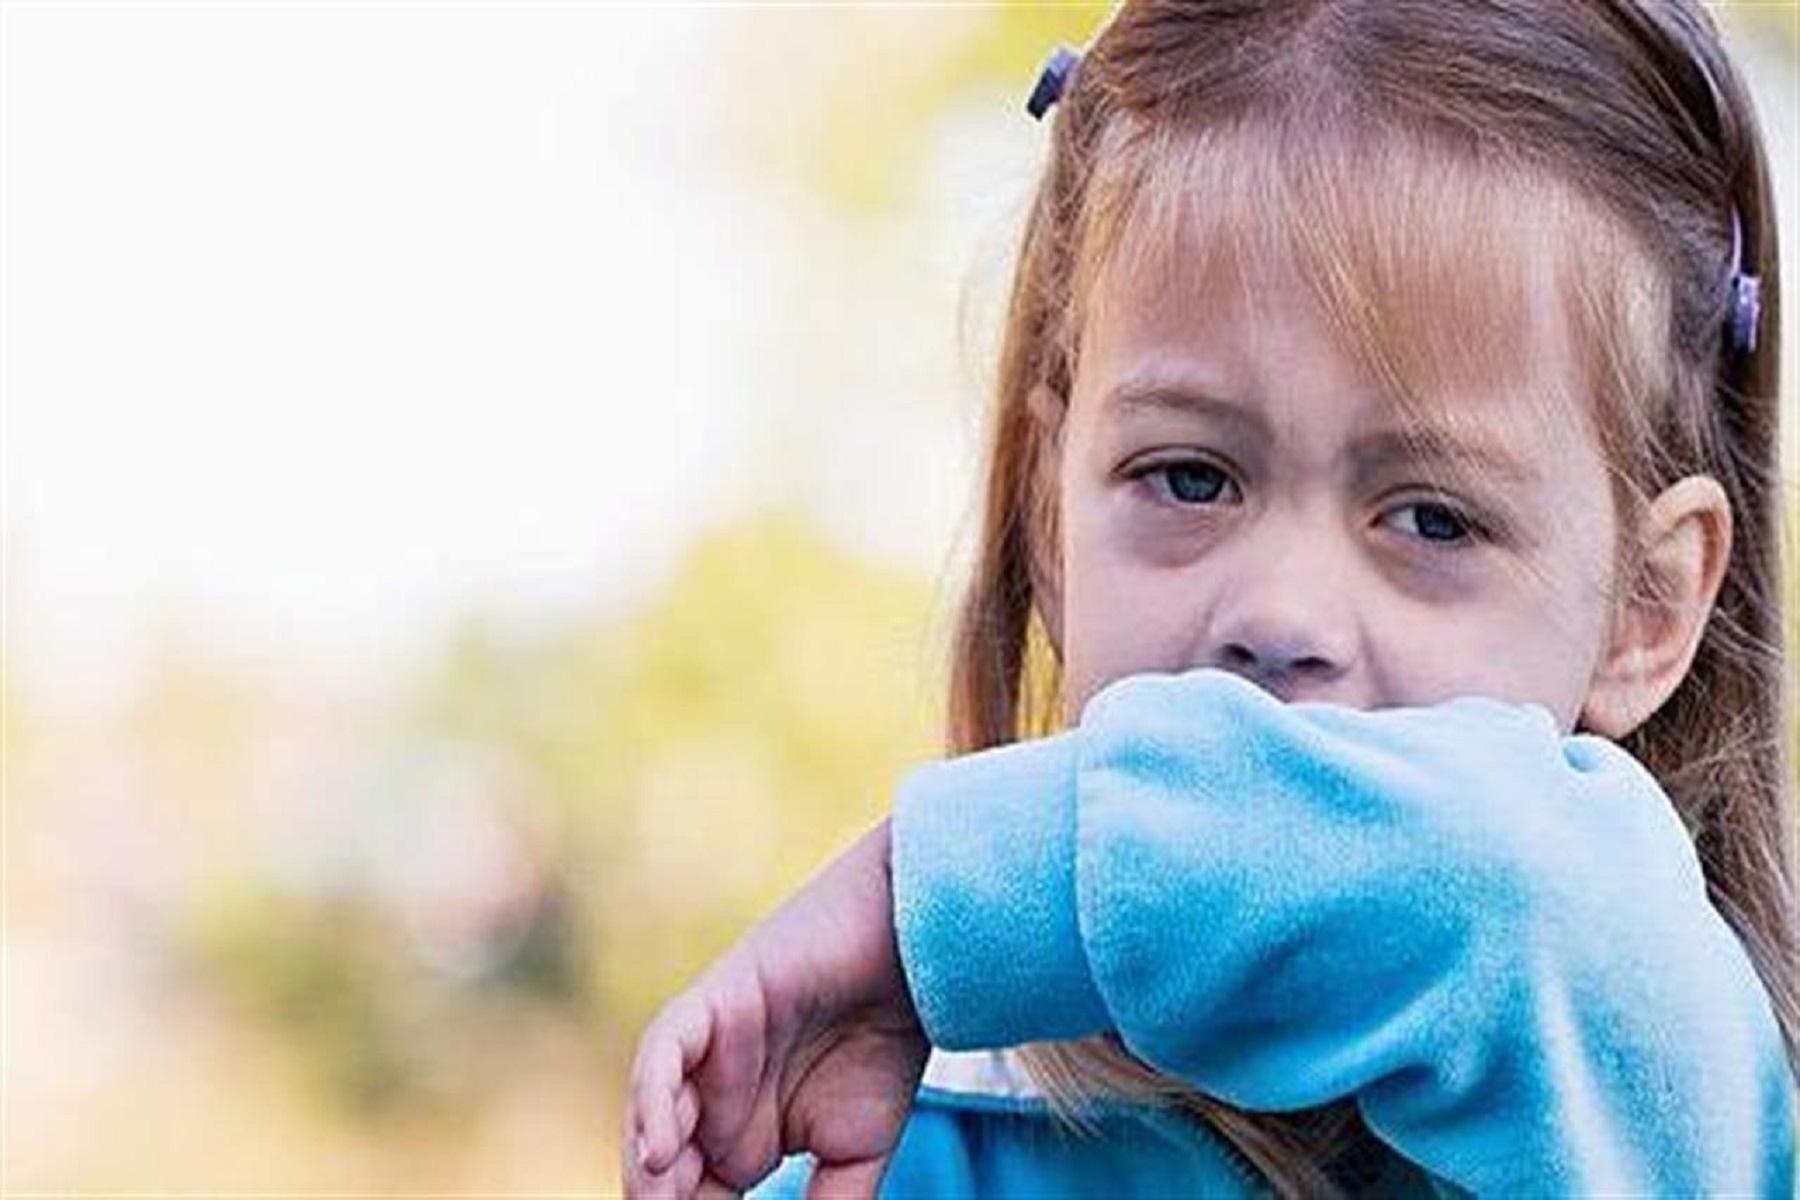 Επιστημονική Έρευνα: Ποια είναι η σύνδεση ανάμεσα στην ατμοσφαιρική ρύπανση και στην υγεία των πνευμόνων